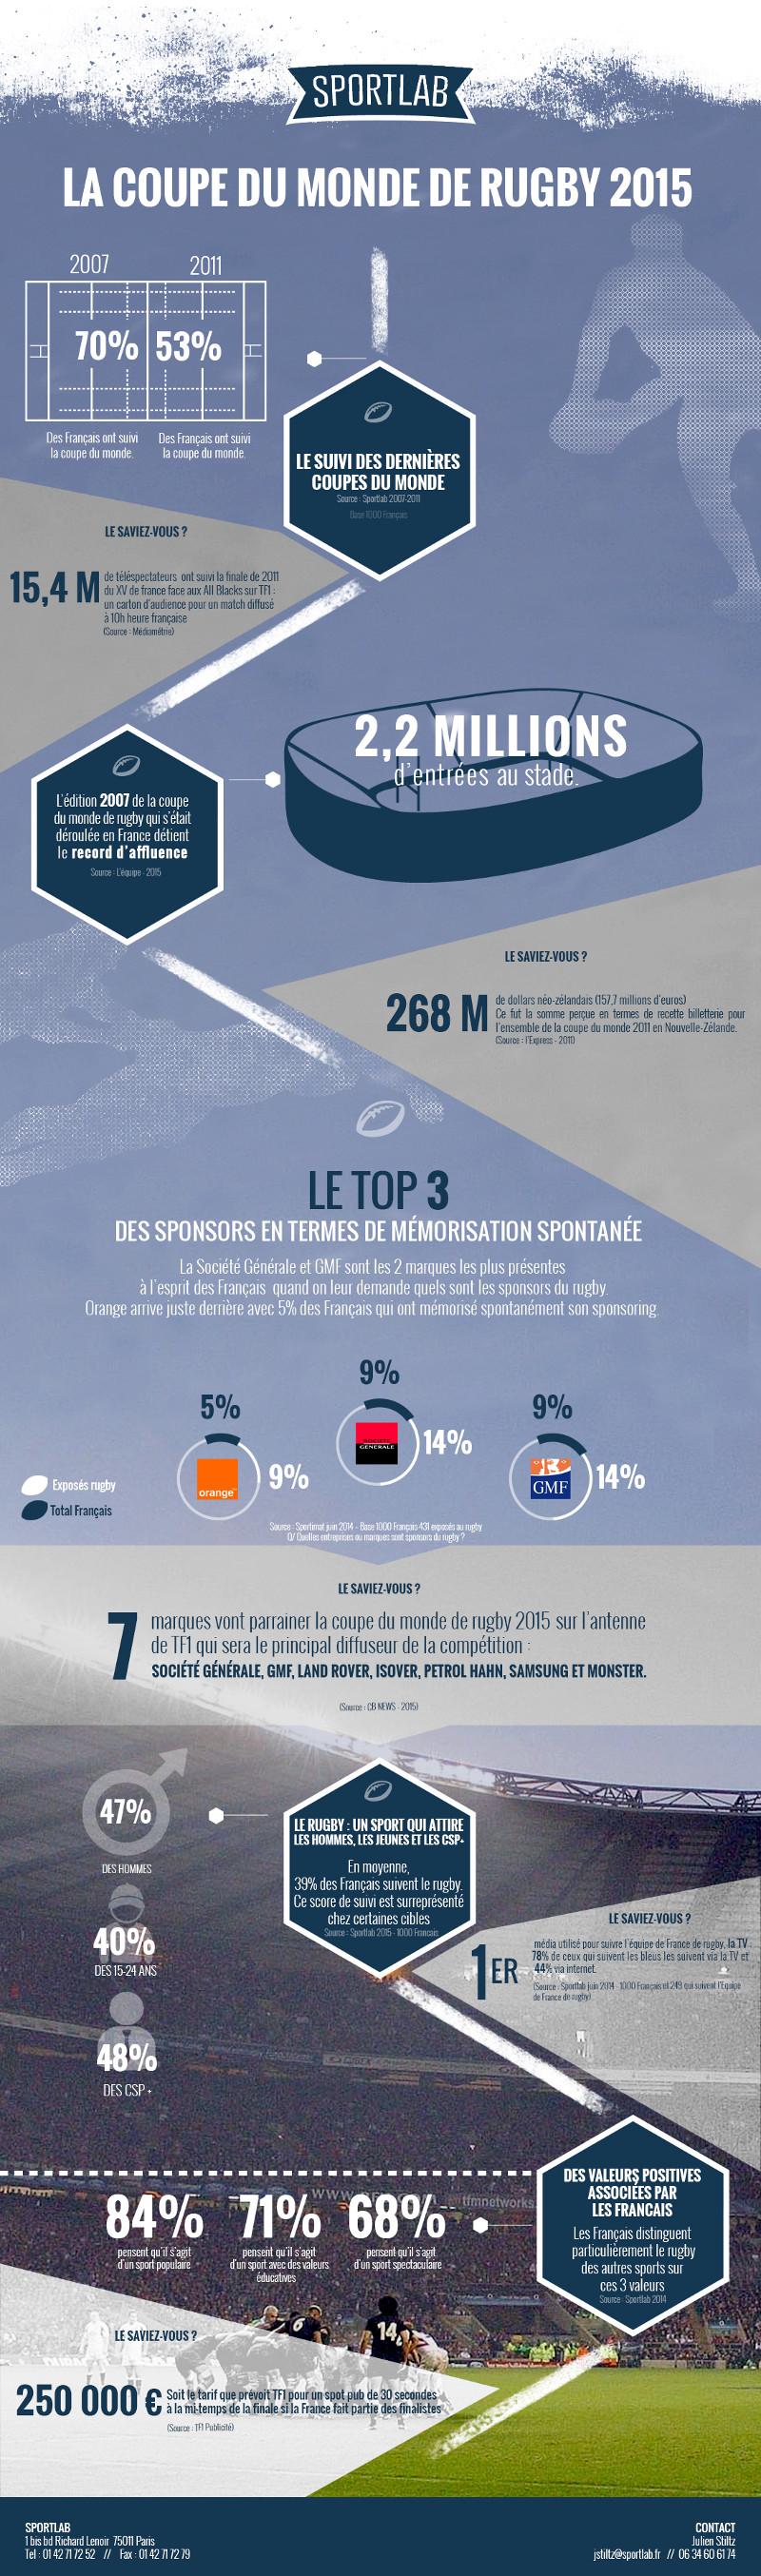 Infographie la coupe du monde de rugby 2015 c t business - Dates de la coupe du monde de rugby 2015 ...